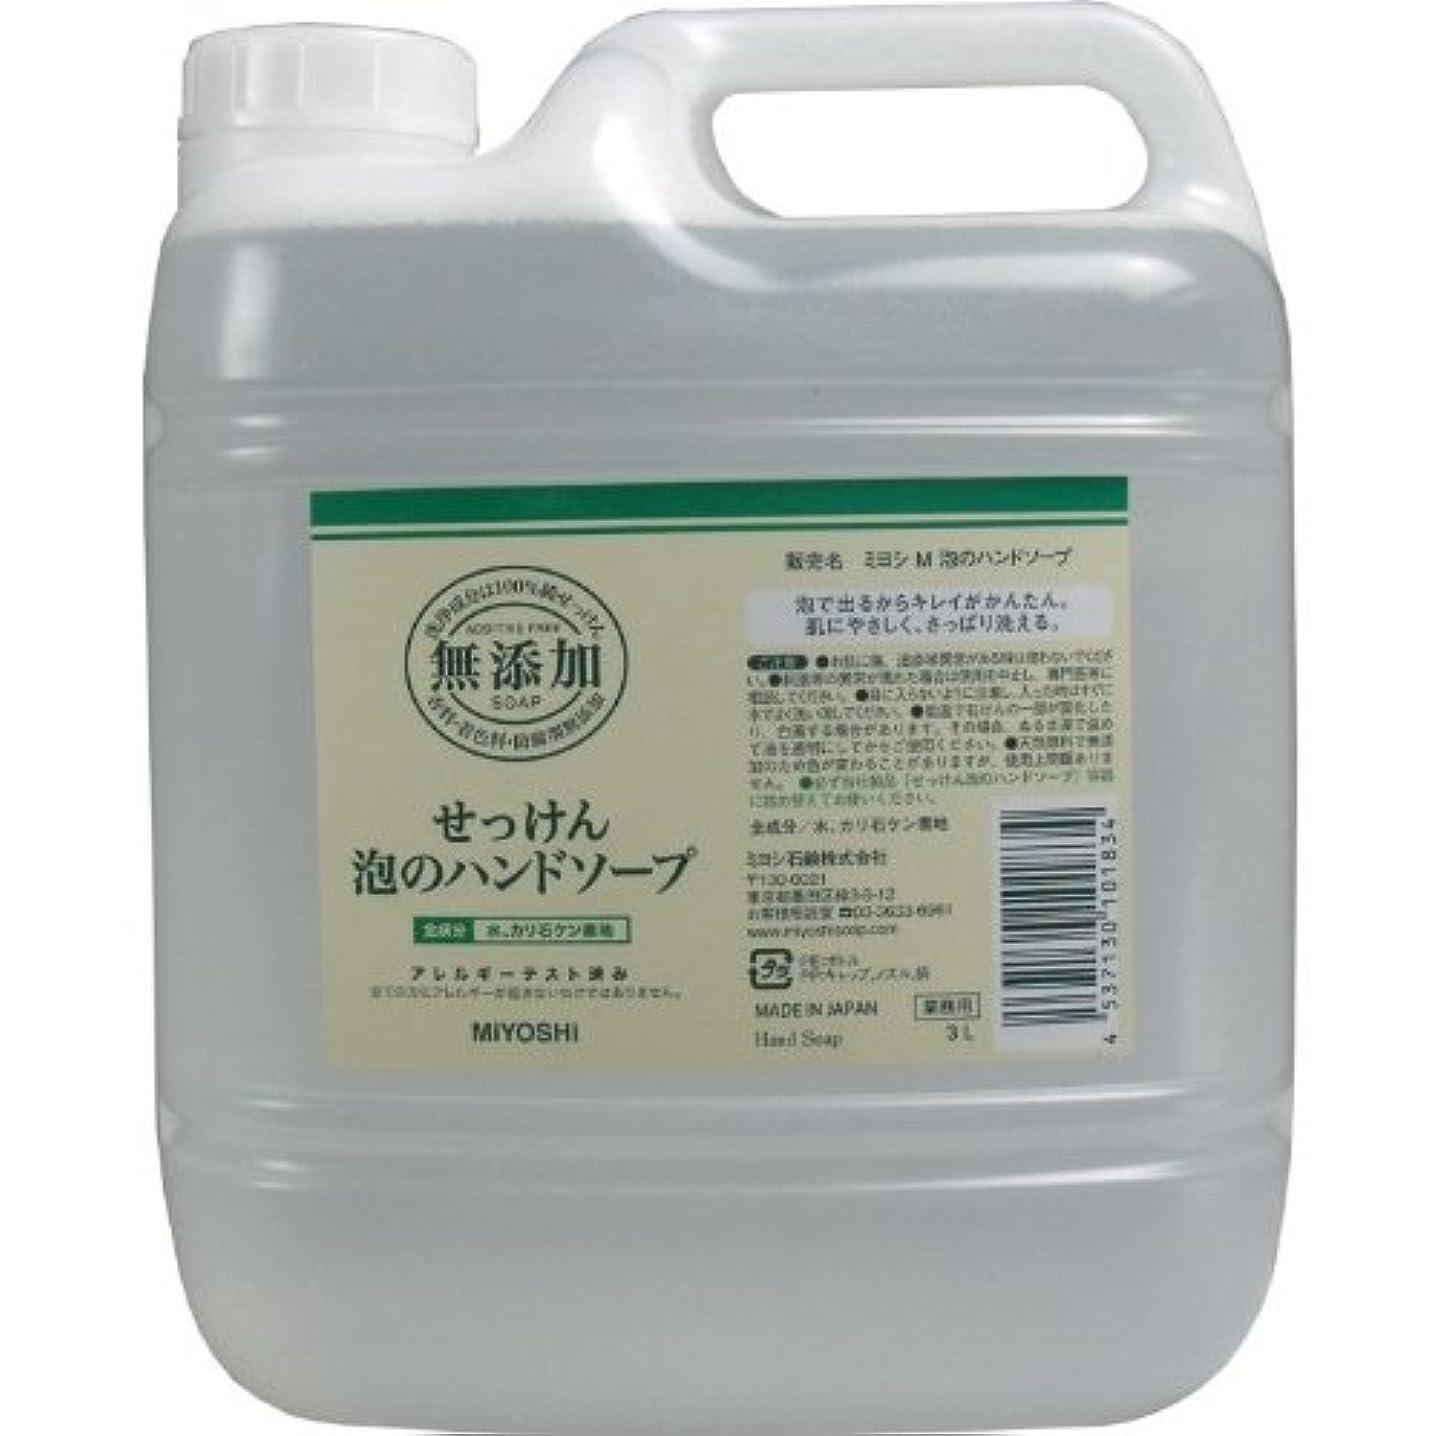 シンプルさ放送に対して泡で出るからキレイが簡単!家事の間のサッと洗いも簡単!香料、着色料、防腐剤無添加!(業務用)3L【3個セット】